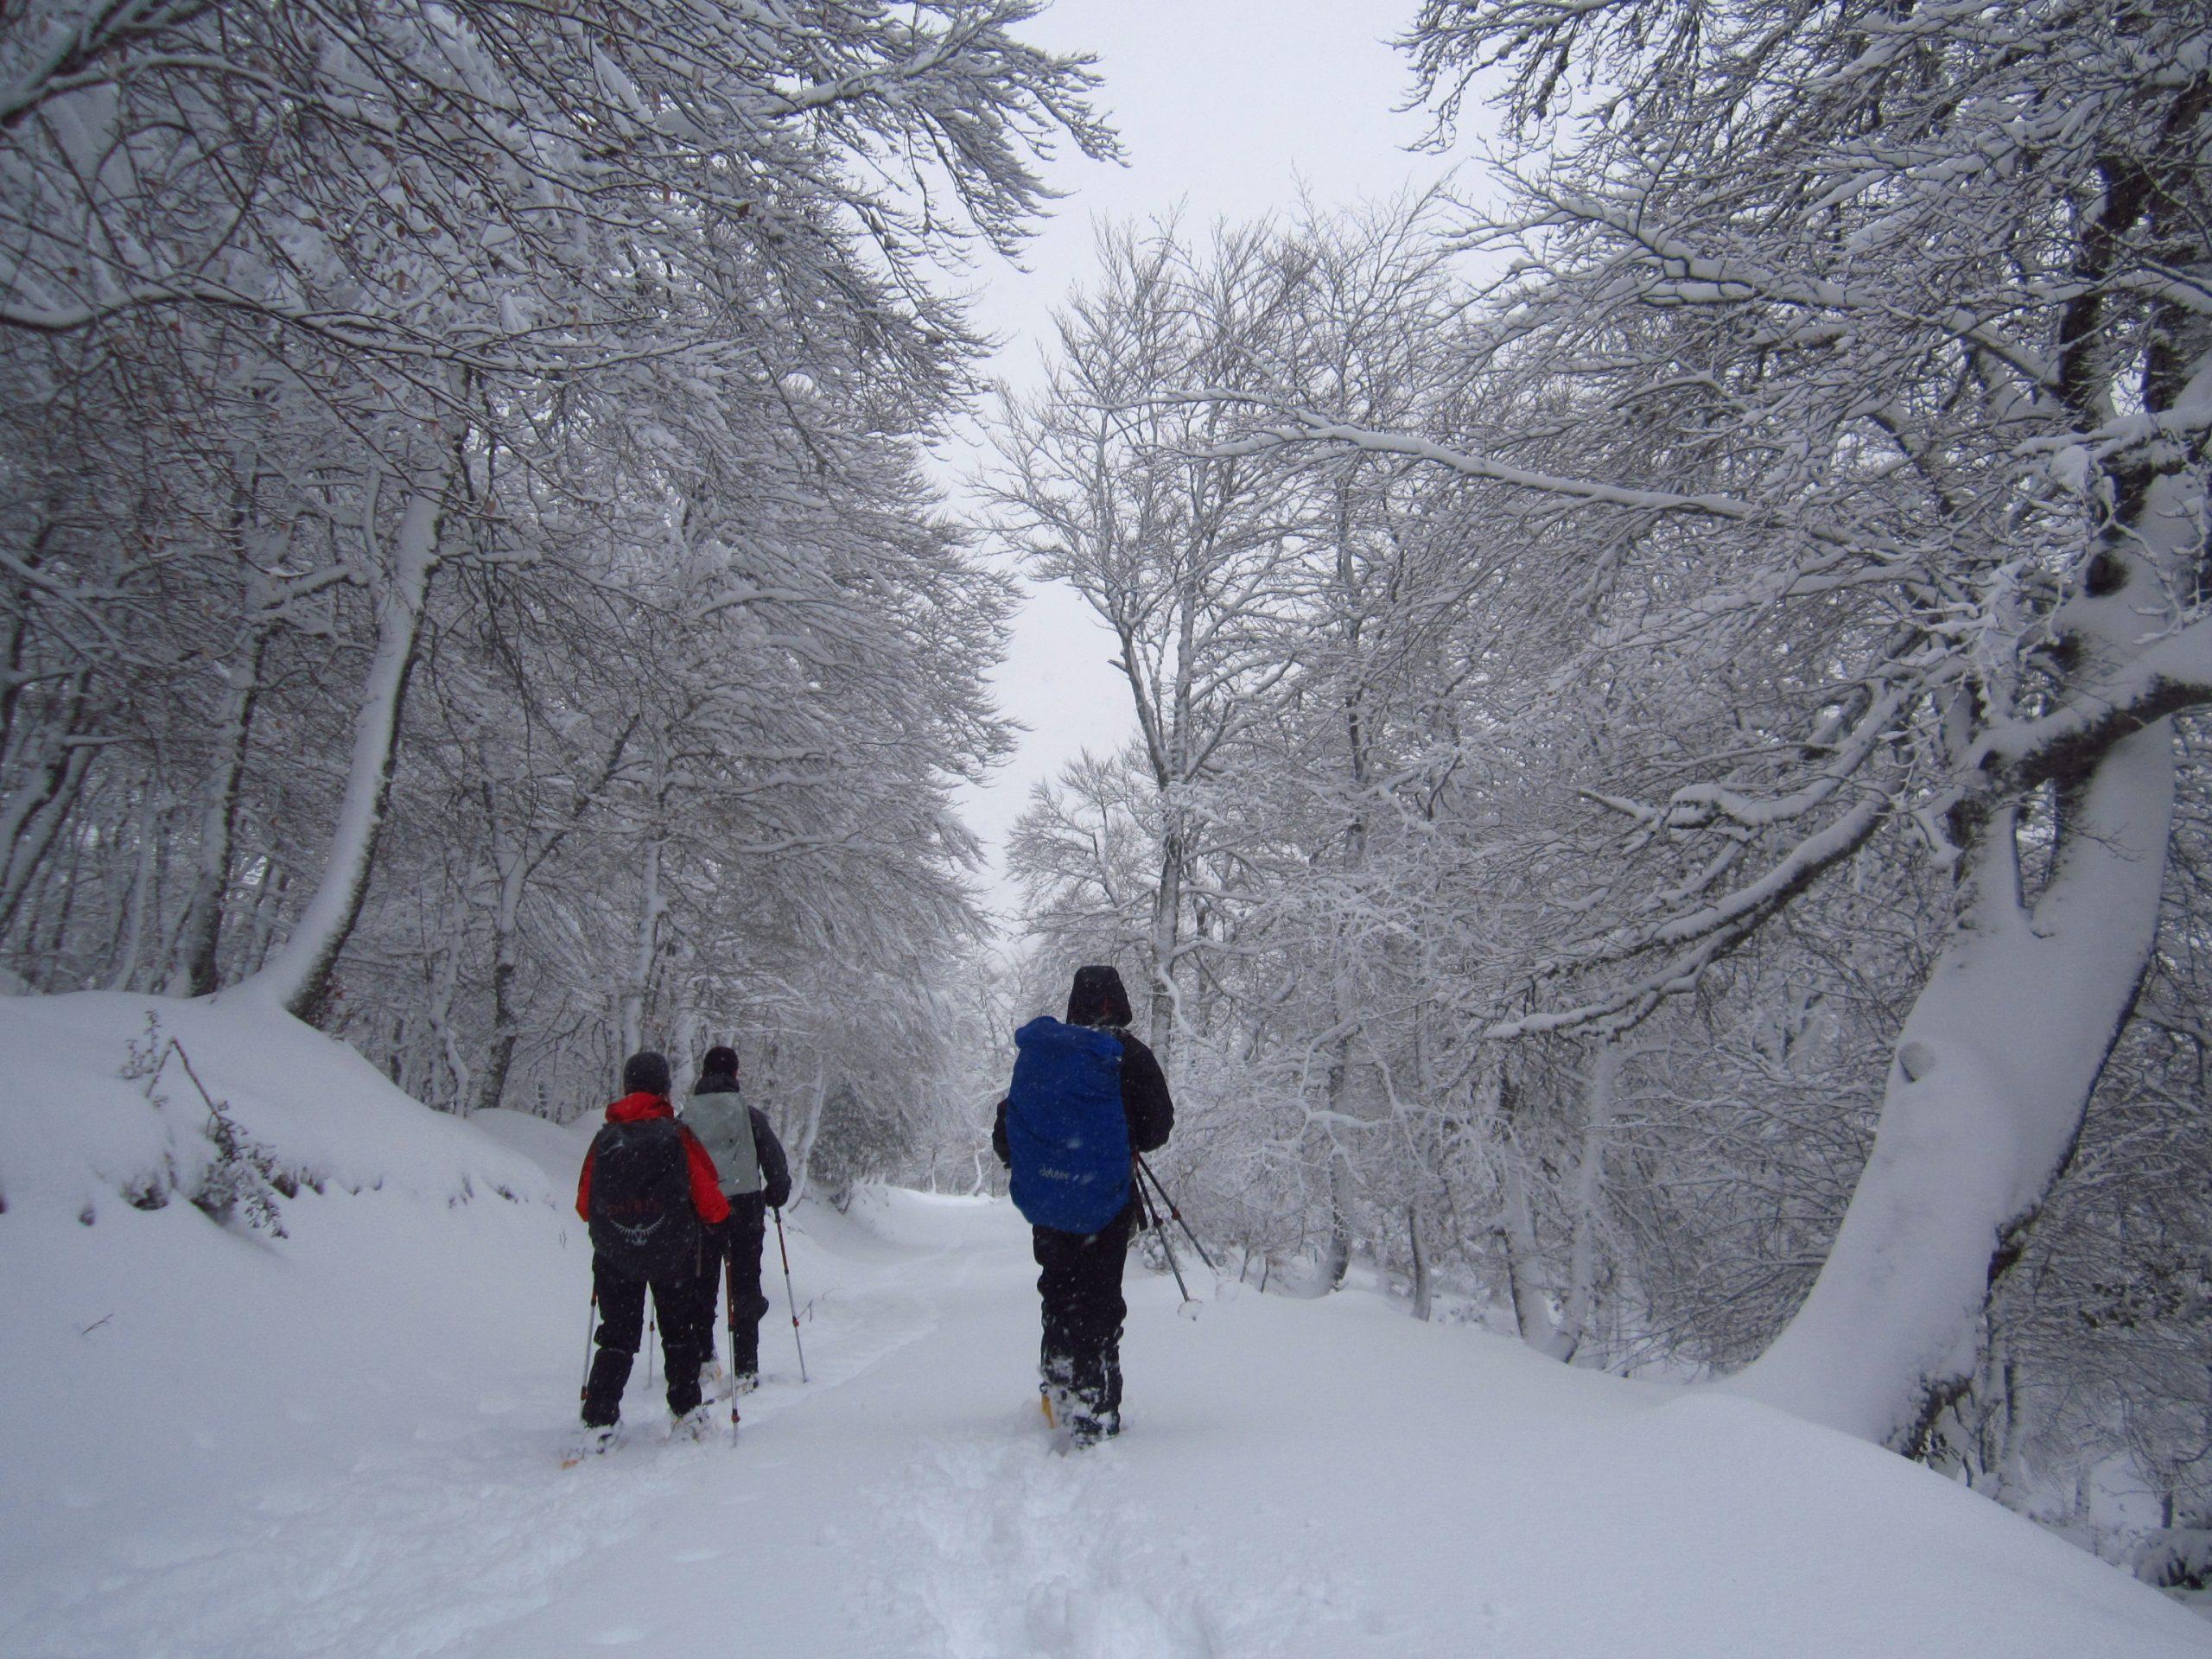 Valle de Liébana, Picos de Europa. Senderismo invernal con raquetas de nieve